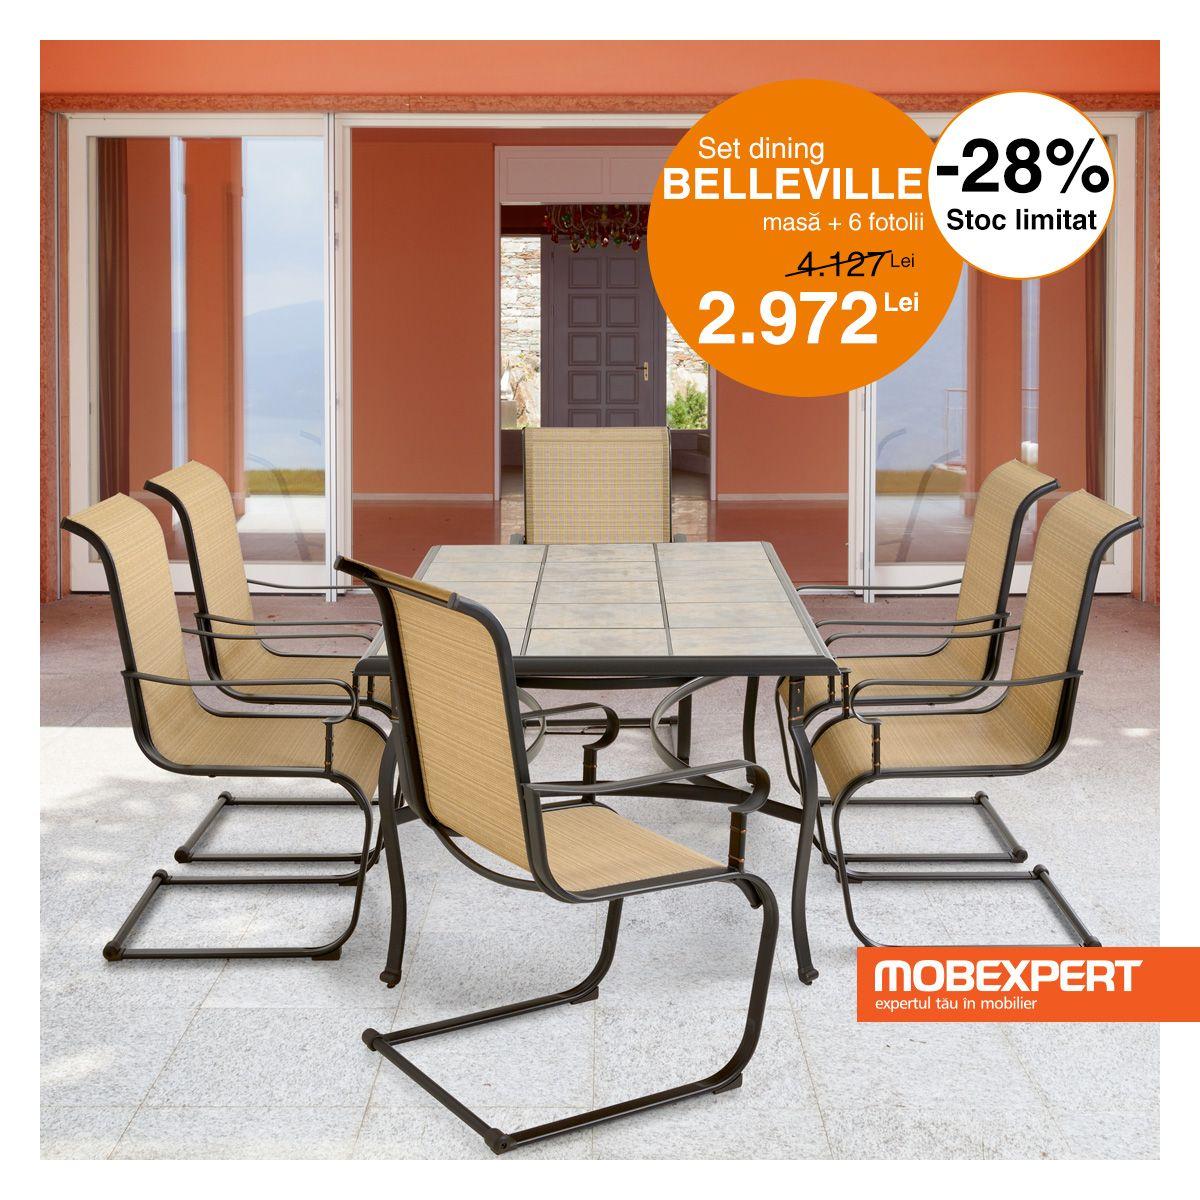 Setul Belleville Amenajeaza Cu Stil Locul Perfect Pentru Relaxare Cromatica Naturala Si Materialele De Outdoor Furniture Sets Outdoor Furniture Outdoor Chairs